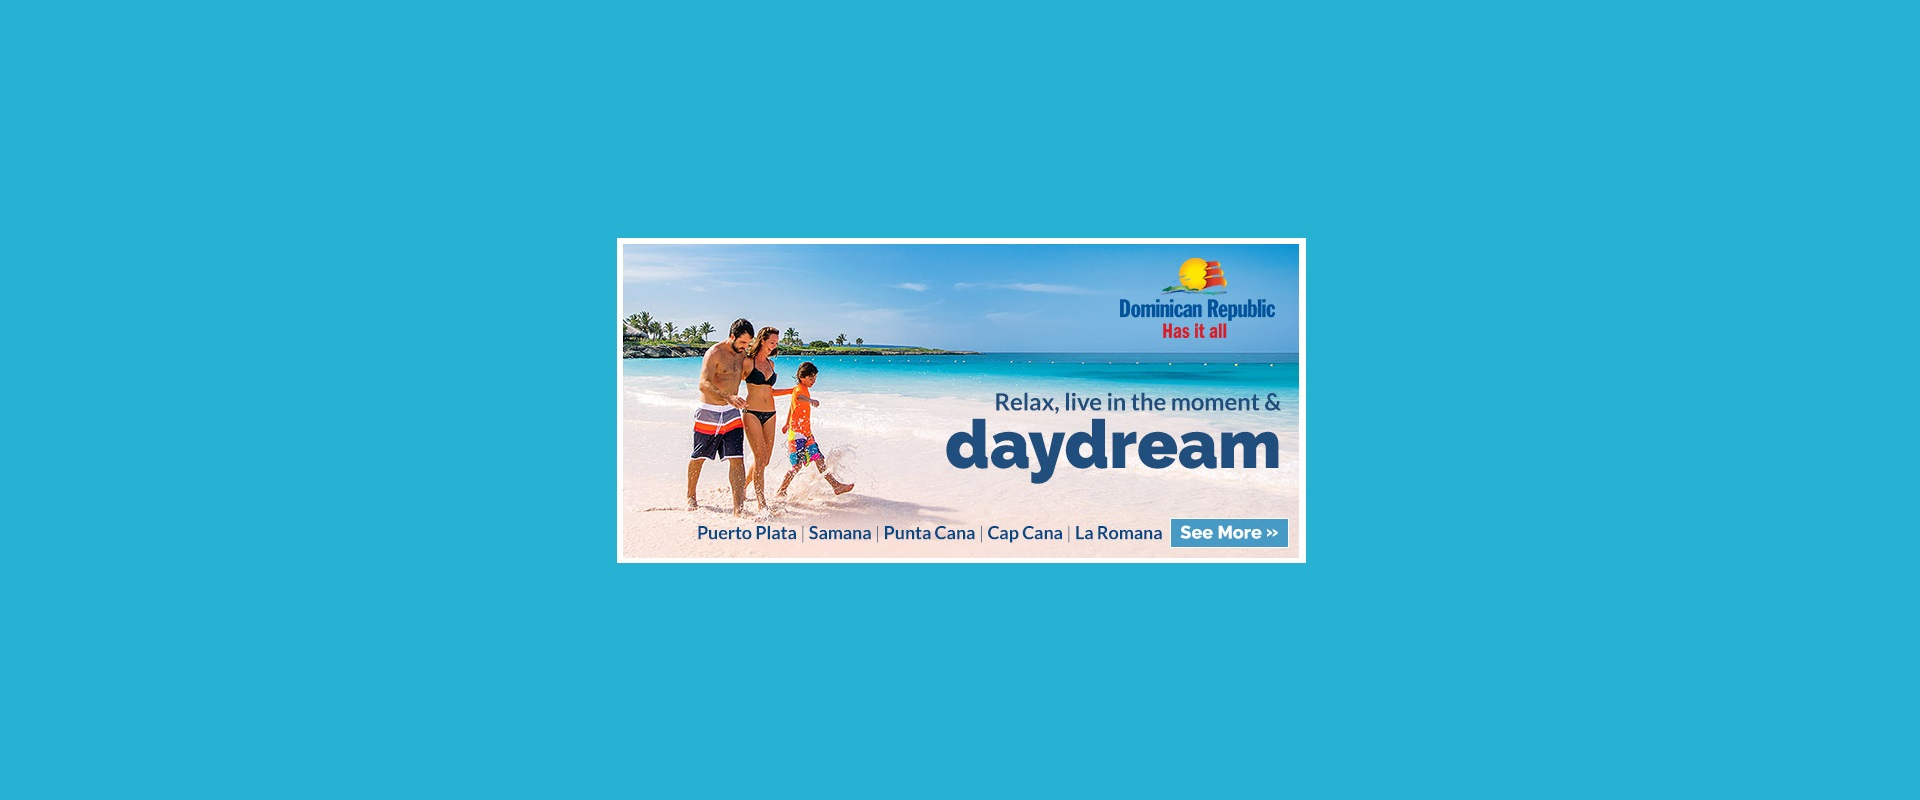 Dominican-Republic-Daydream-Sale